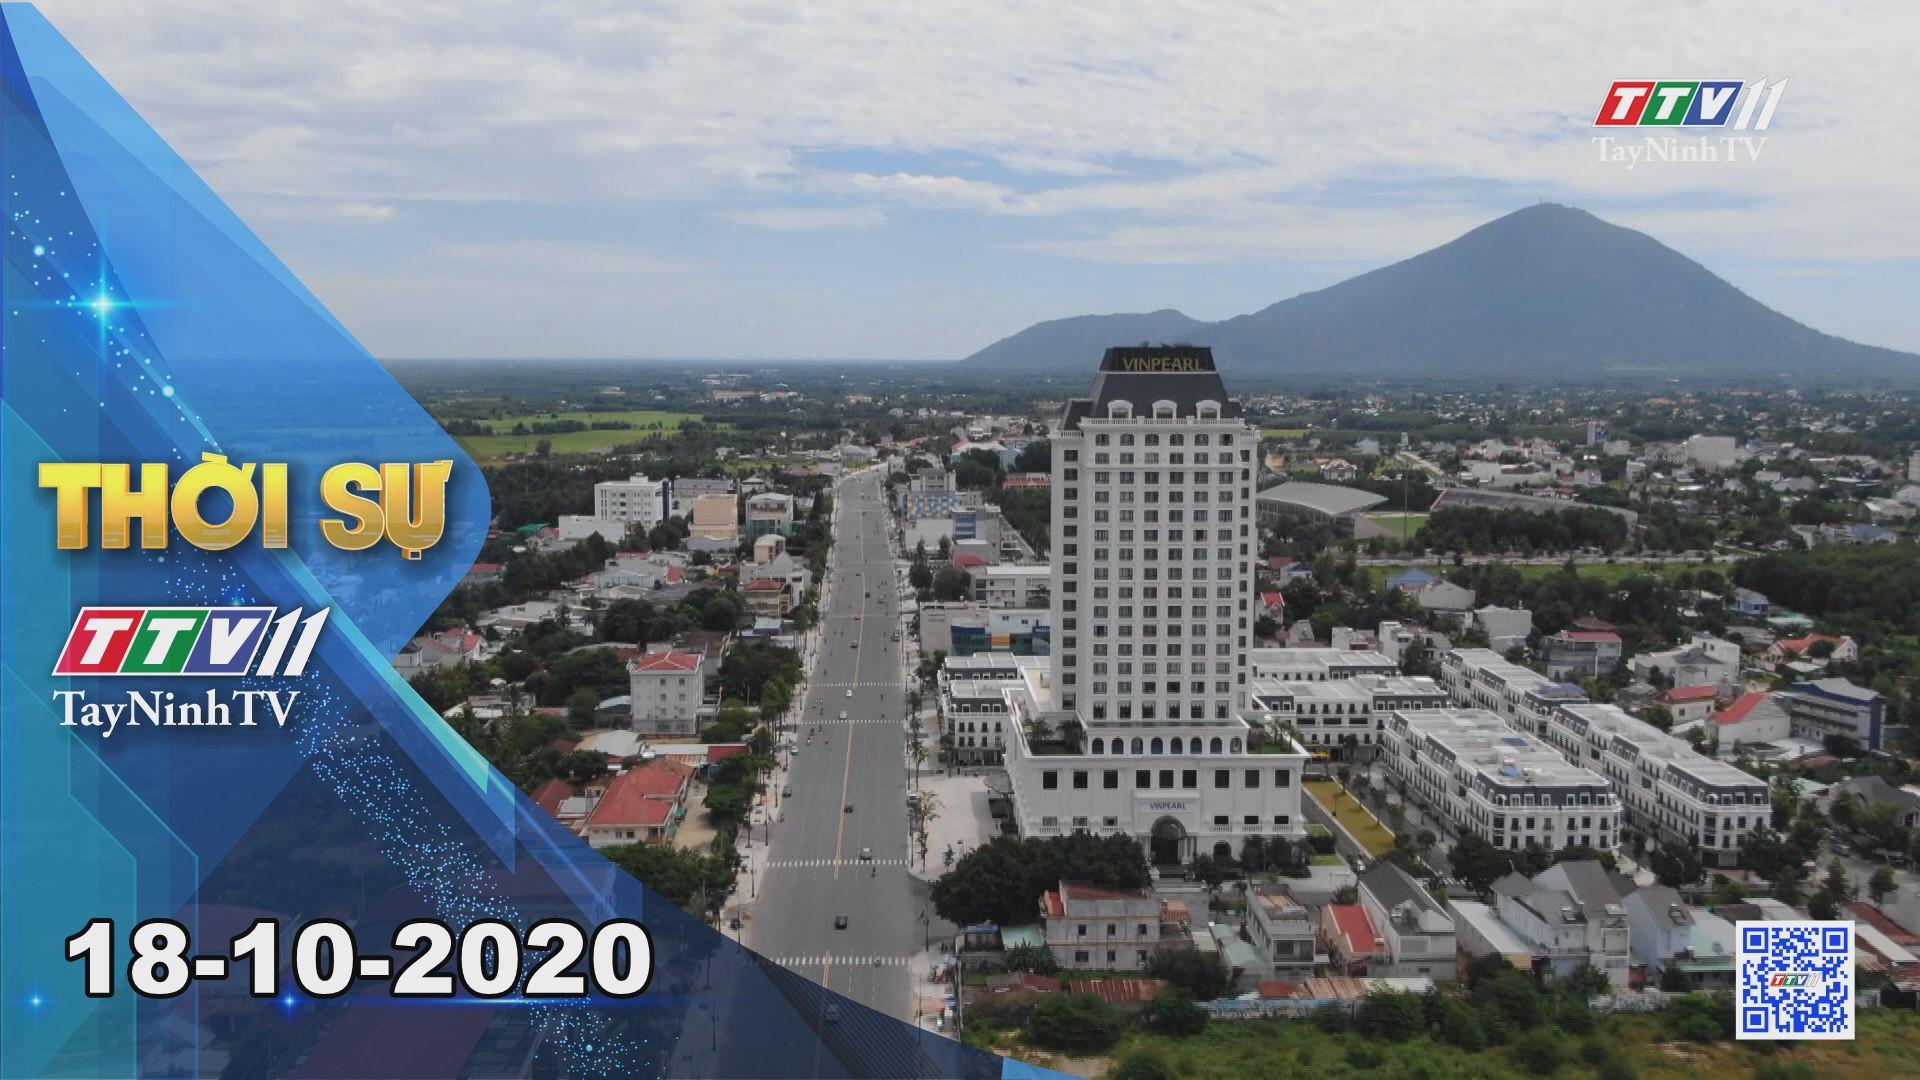 Thời sự Tây Ninh 18-10-2020 | Tin tức hôm nay | TayNinhTV